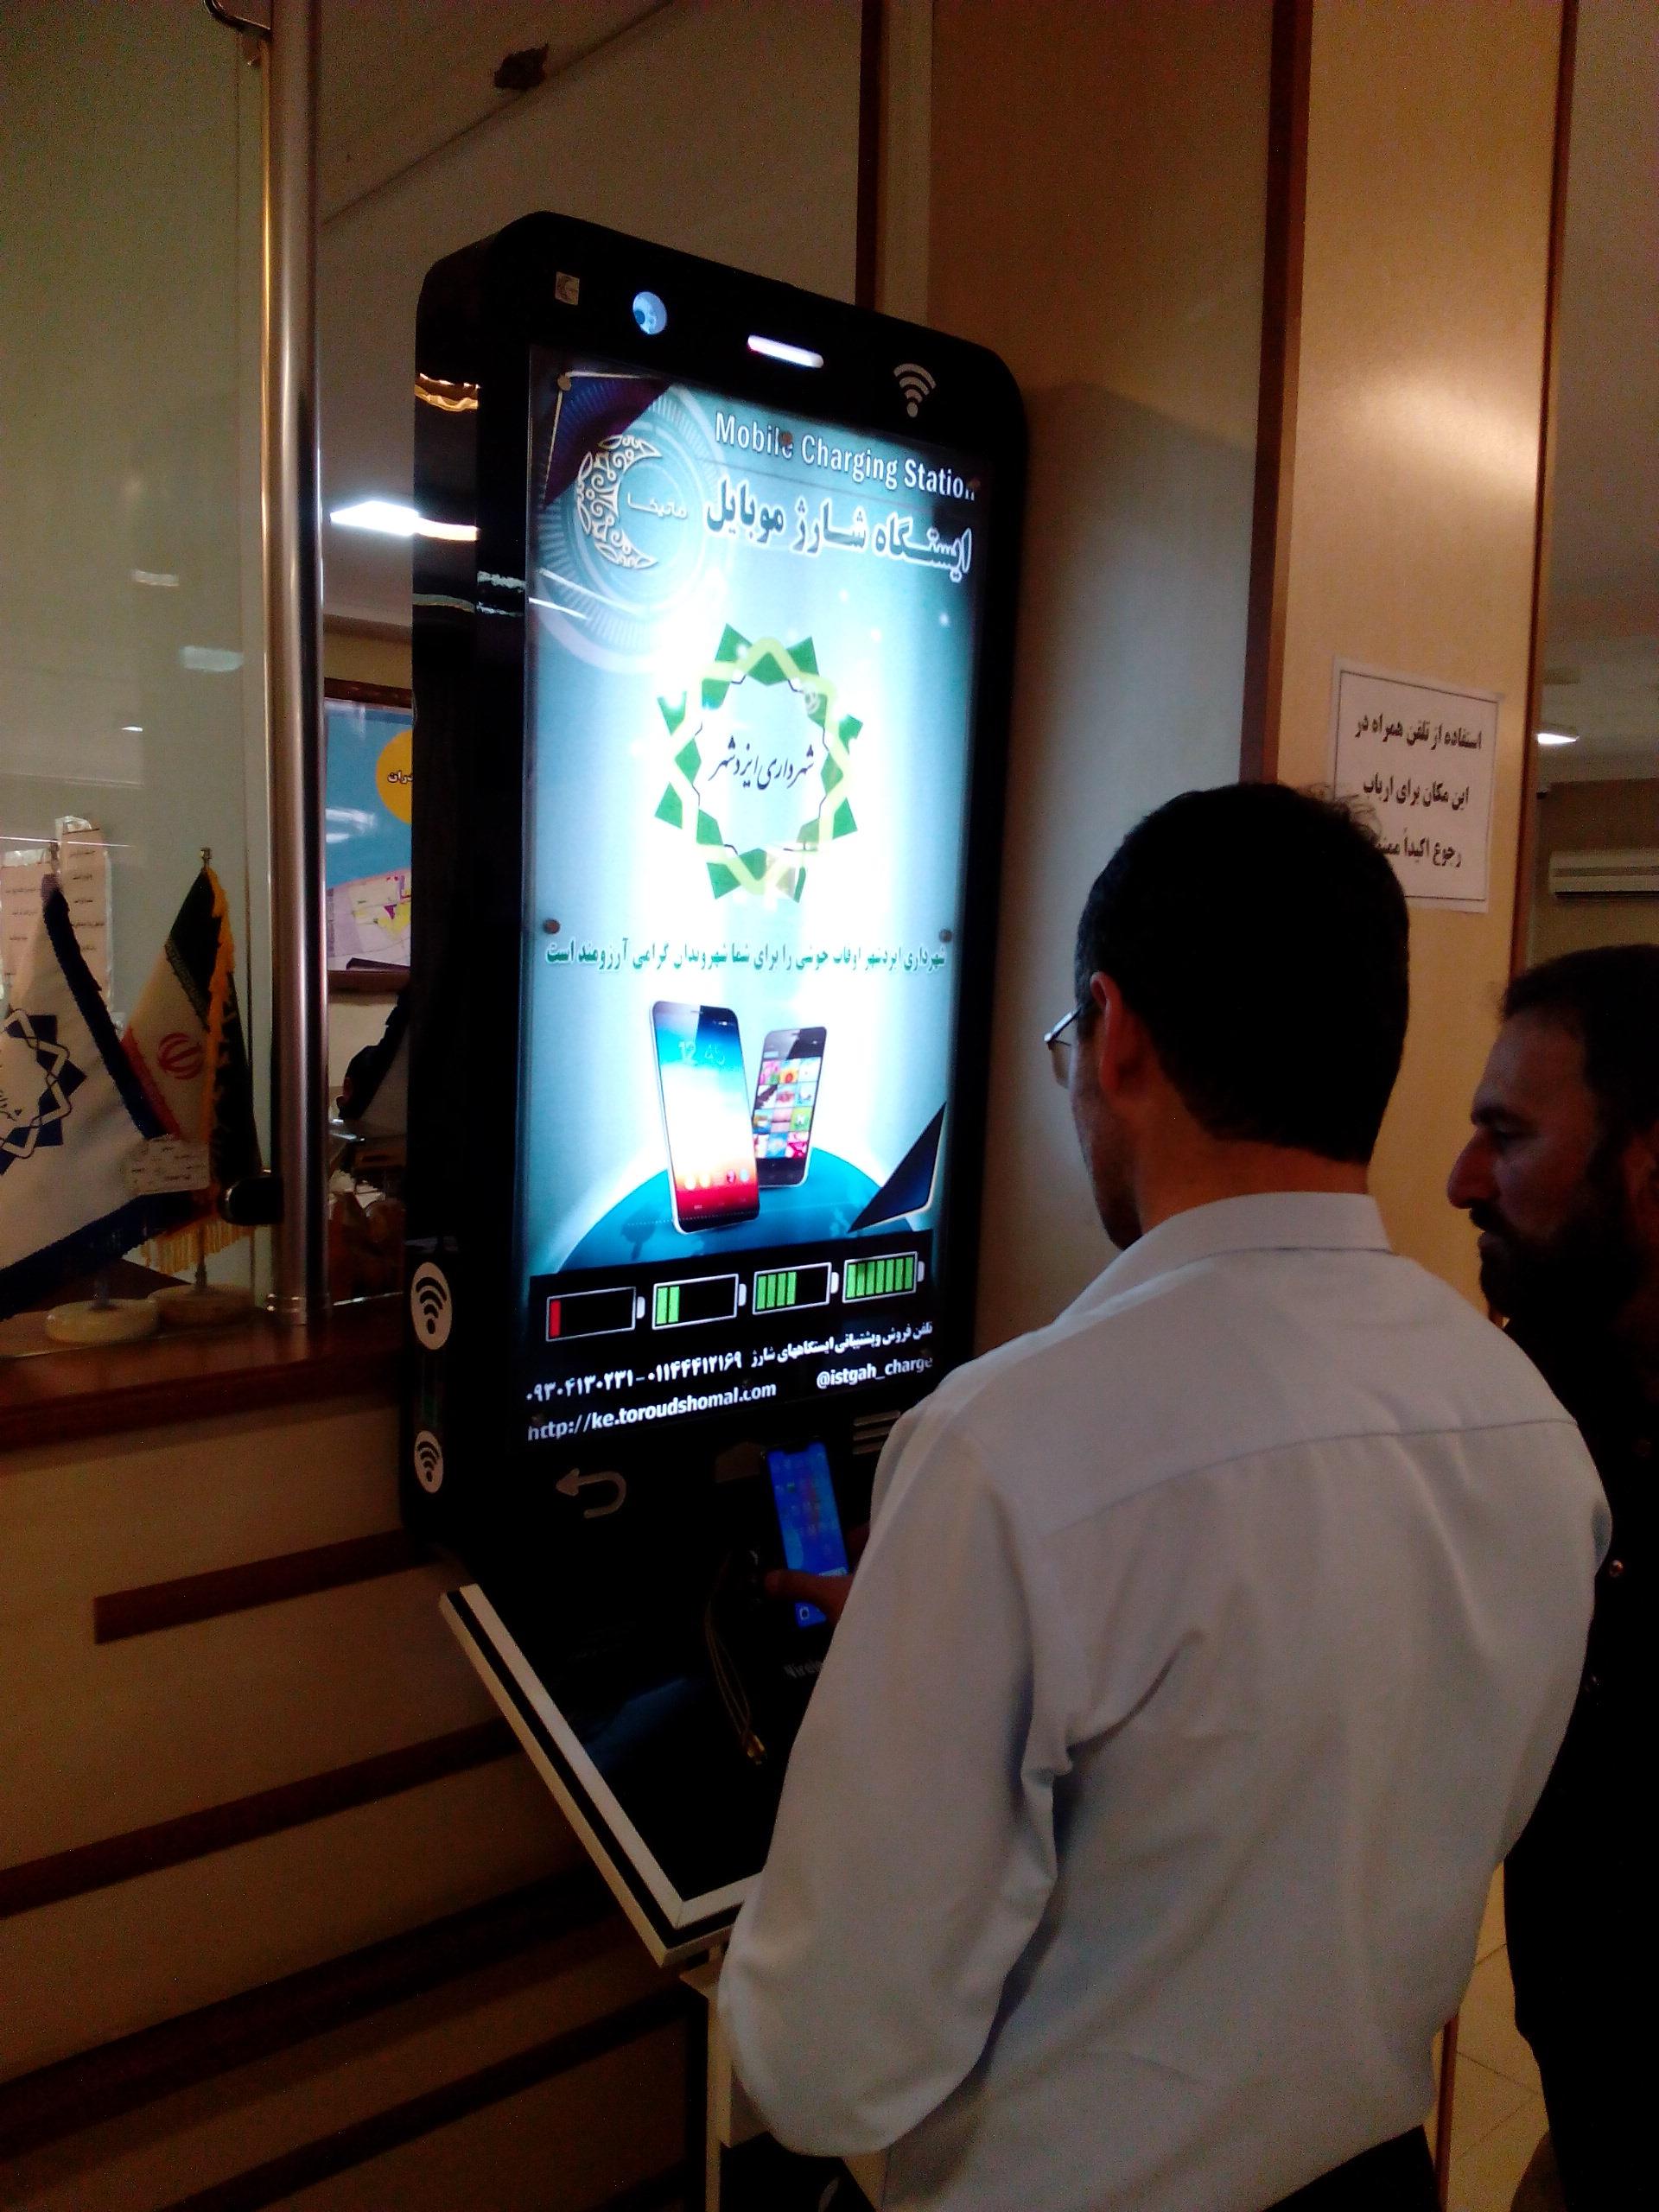 ایستگاه شارژ موبایل مدل MO مدل موبایلی داخلی، دستگاهی است که برای رفاه بیشتر شهروندان ساخته شده است و هنگامی که شهروندان در مکانهای عمومی مسقف ادارات، سازمانها، فرودگاهها، هتل ها، رستوران ها، ایستگاهها و .. با اتمام شارژ موبایل و تبلت مواجه می گردند می توانند از این دستگاه استفاده نمایند، این ایستگاه شارژ دارای 15 الی 20 خروجی(به صورت خروجی USB ، سیم های فست سه تایی(تایپسی، اپل . اندروید)، شارژر وایرلس و سوکتهای سه تایی باسیم توکار) جهت قرار گرفتن موبایل می باشد و همگی از نوع فست شارژ می باشند فضای لایت باکس بالا و فضای پایین آن می تواند جهت تبلیغات، اطلاع رسانی و برندینگ مورد استفاده قرار گیرد قابل توجه است که این دستگاه تنها قابلیت قرارگیری در فضای مسقف را دارد.